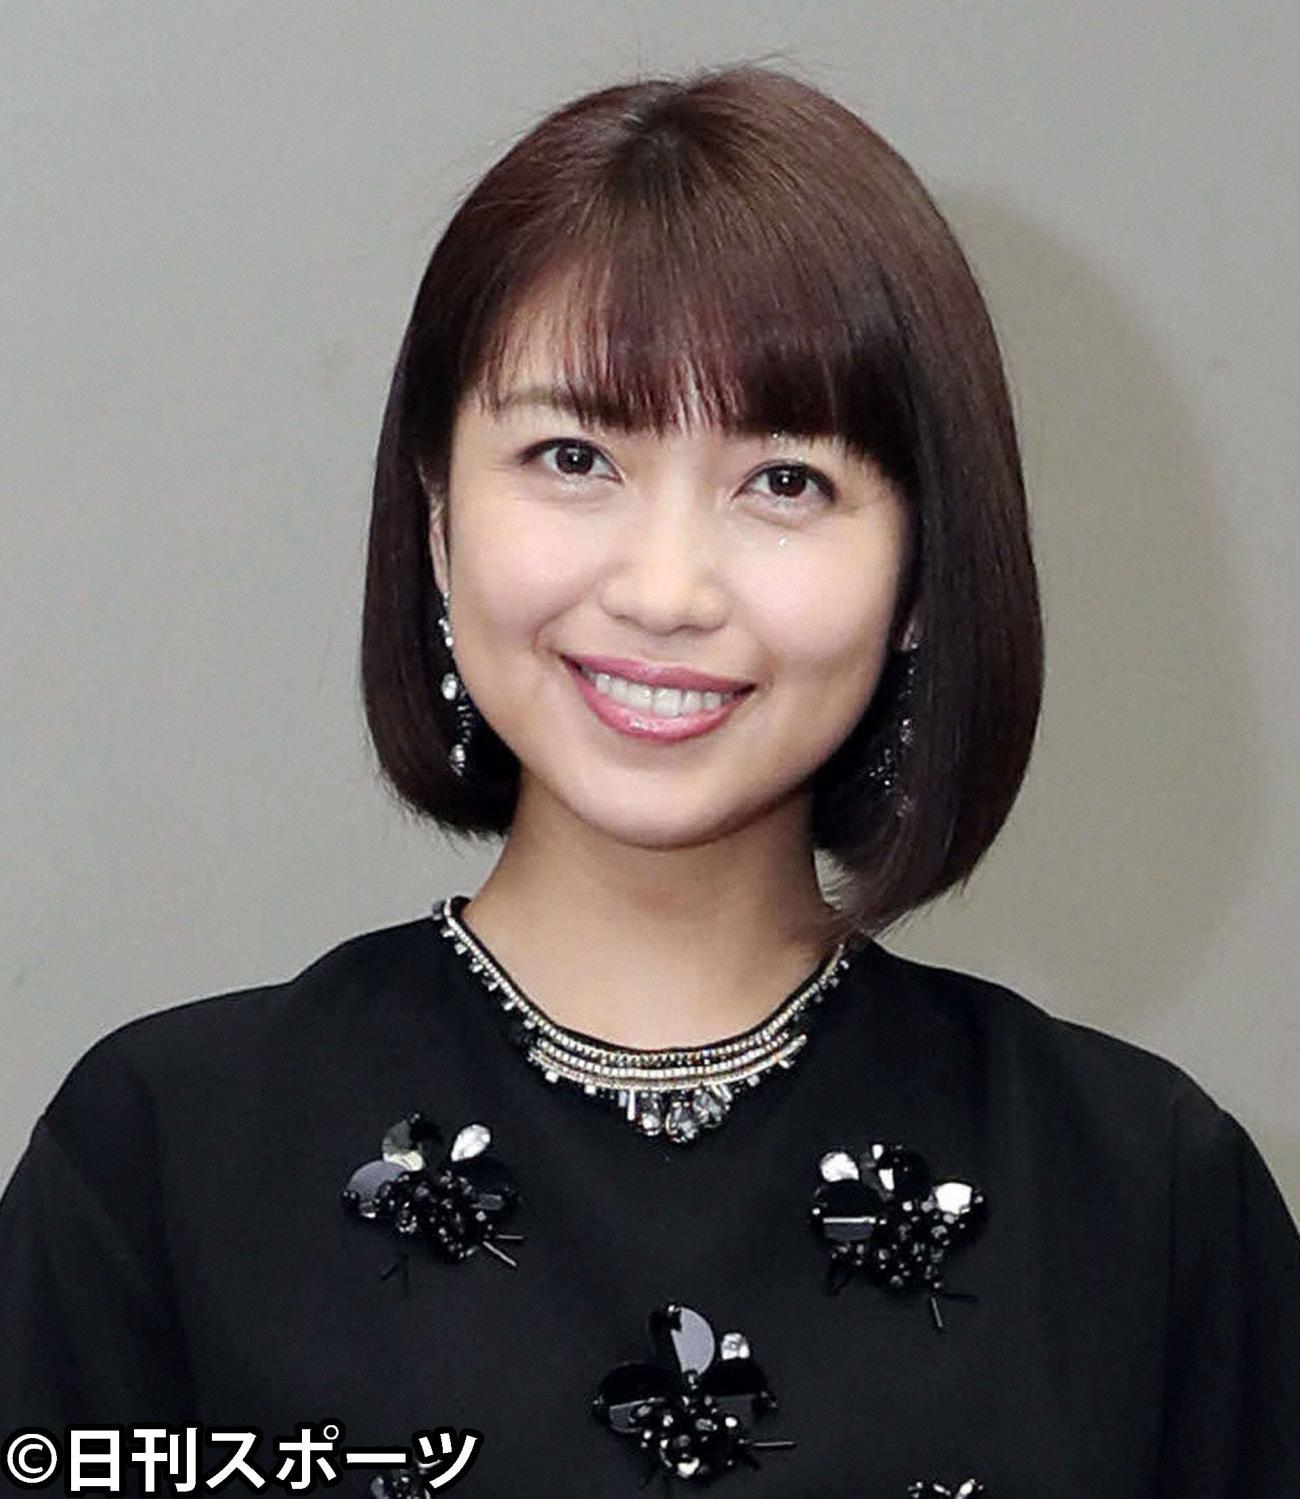 宝塚 新妻 聖子